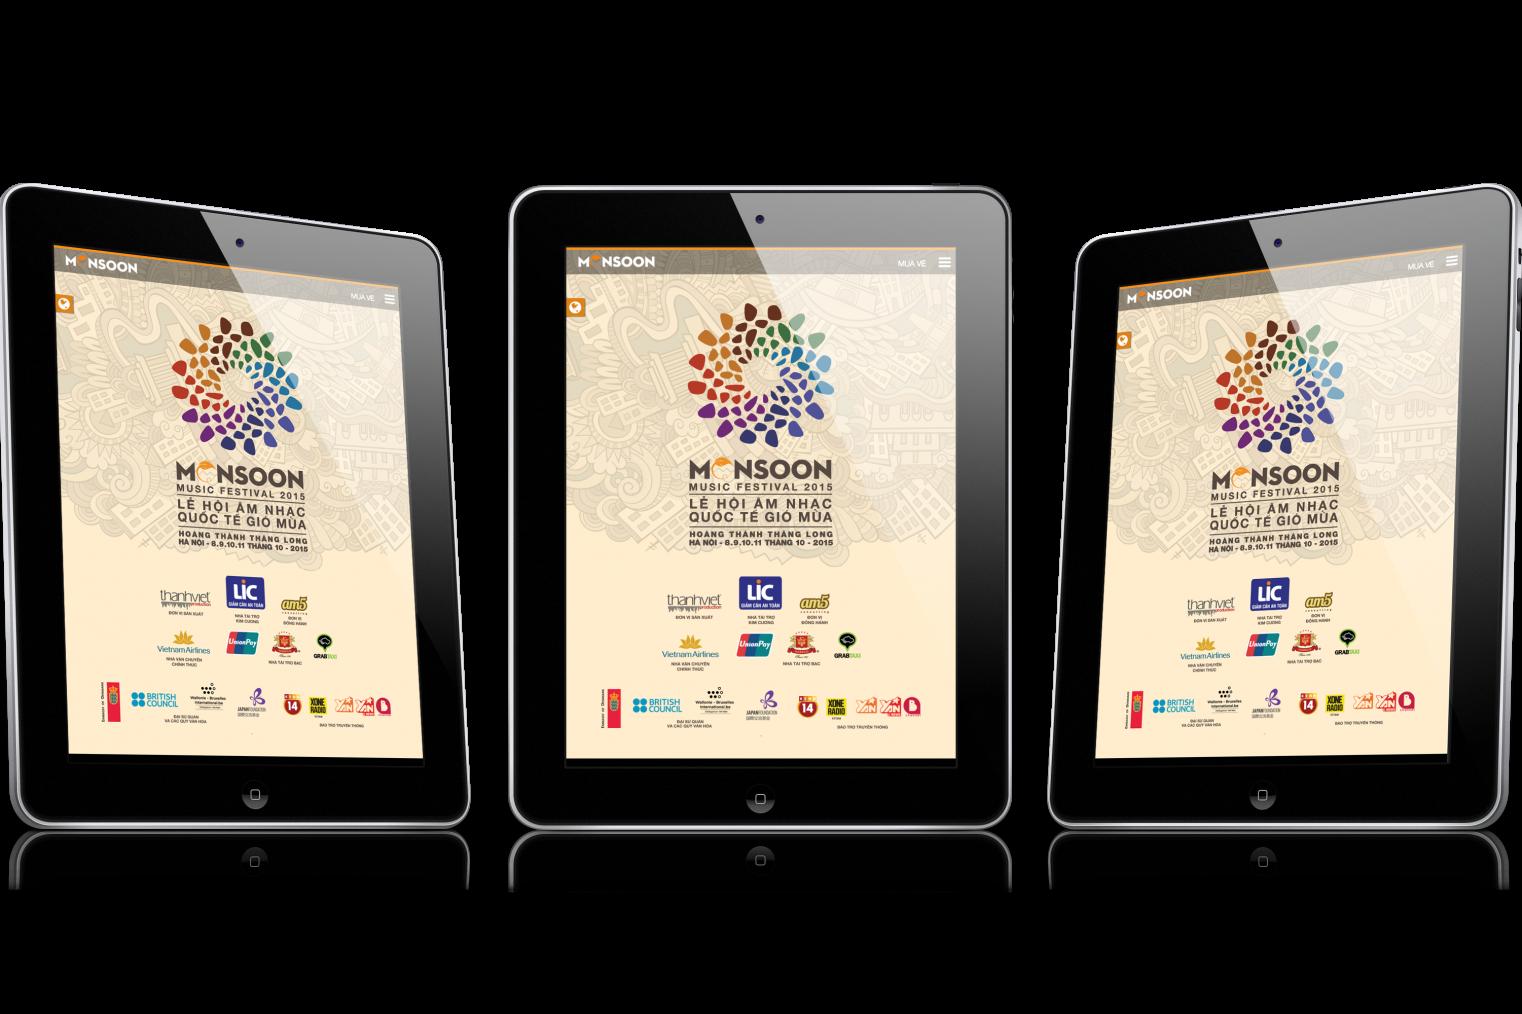 thiết kế website lễ hội âm nhạc gió mùa